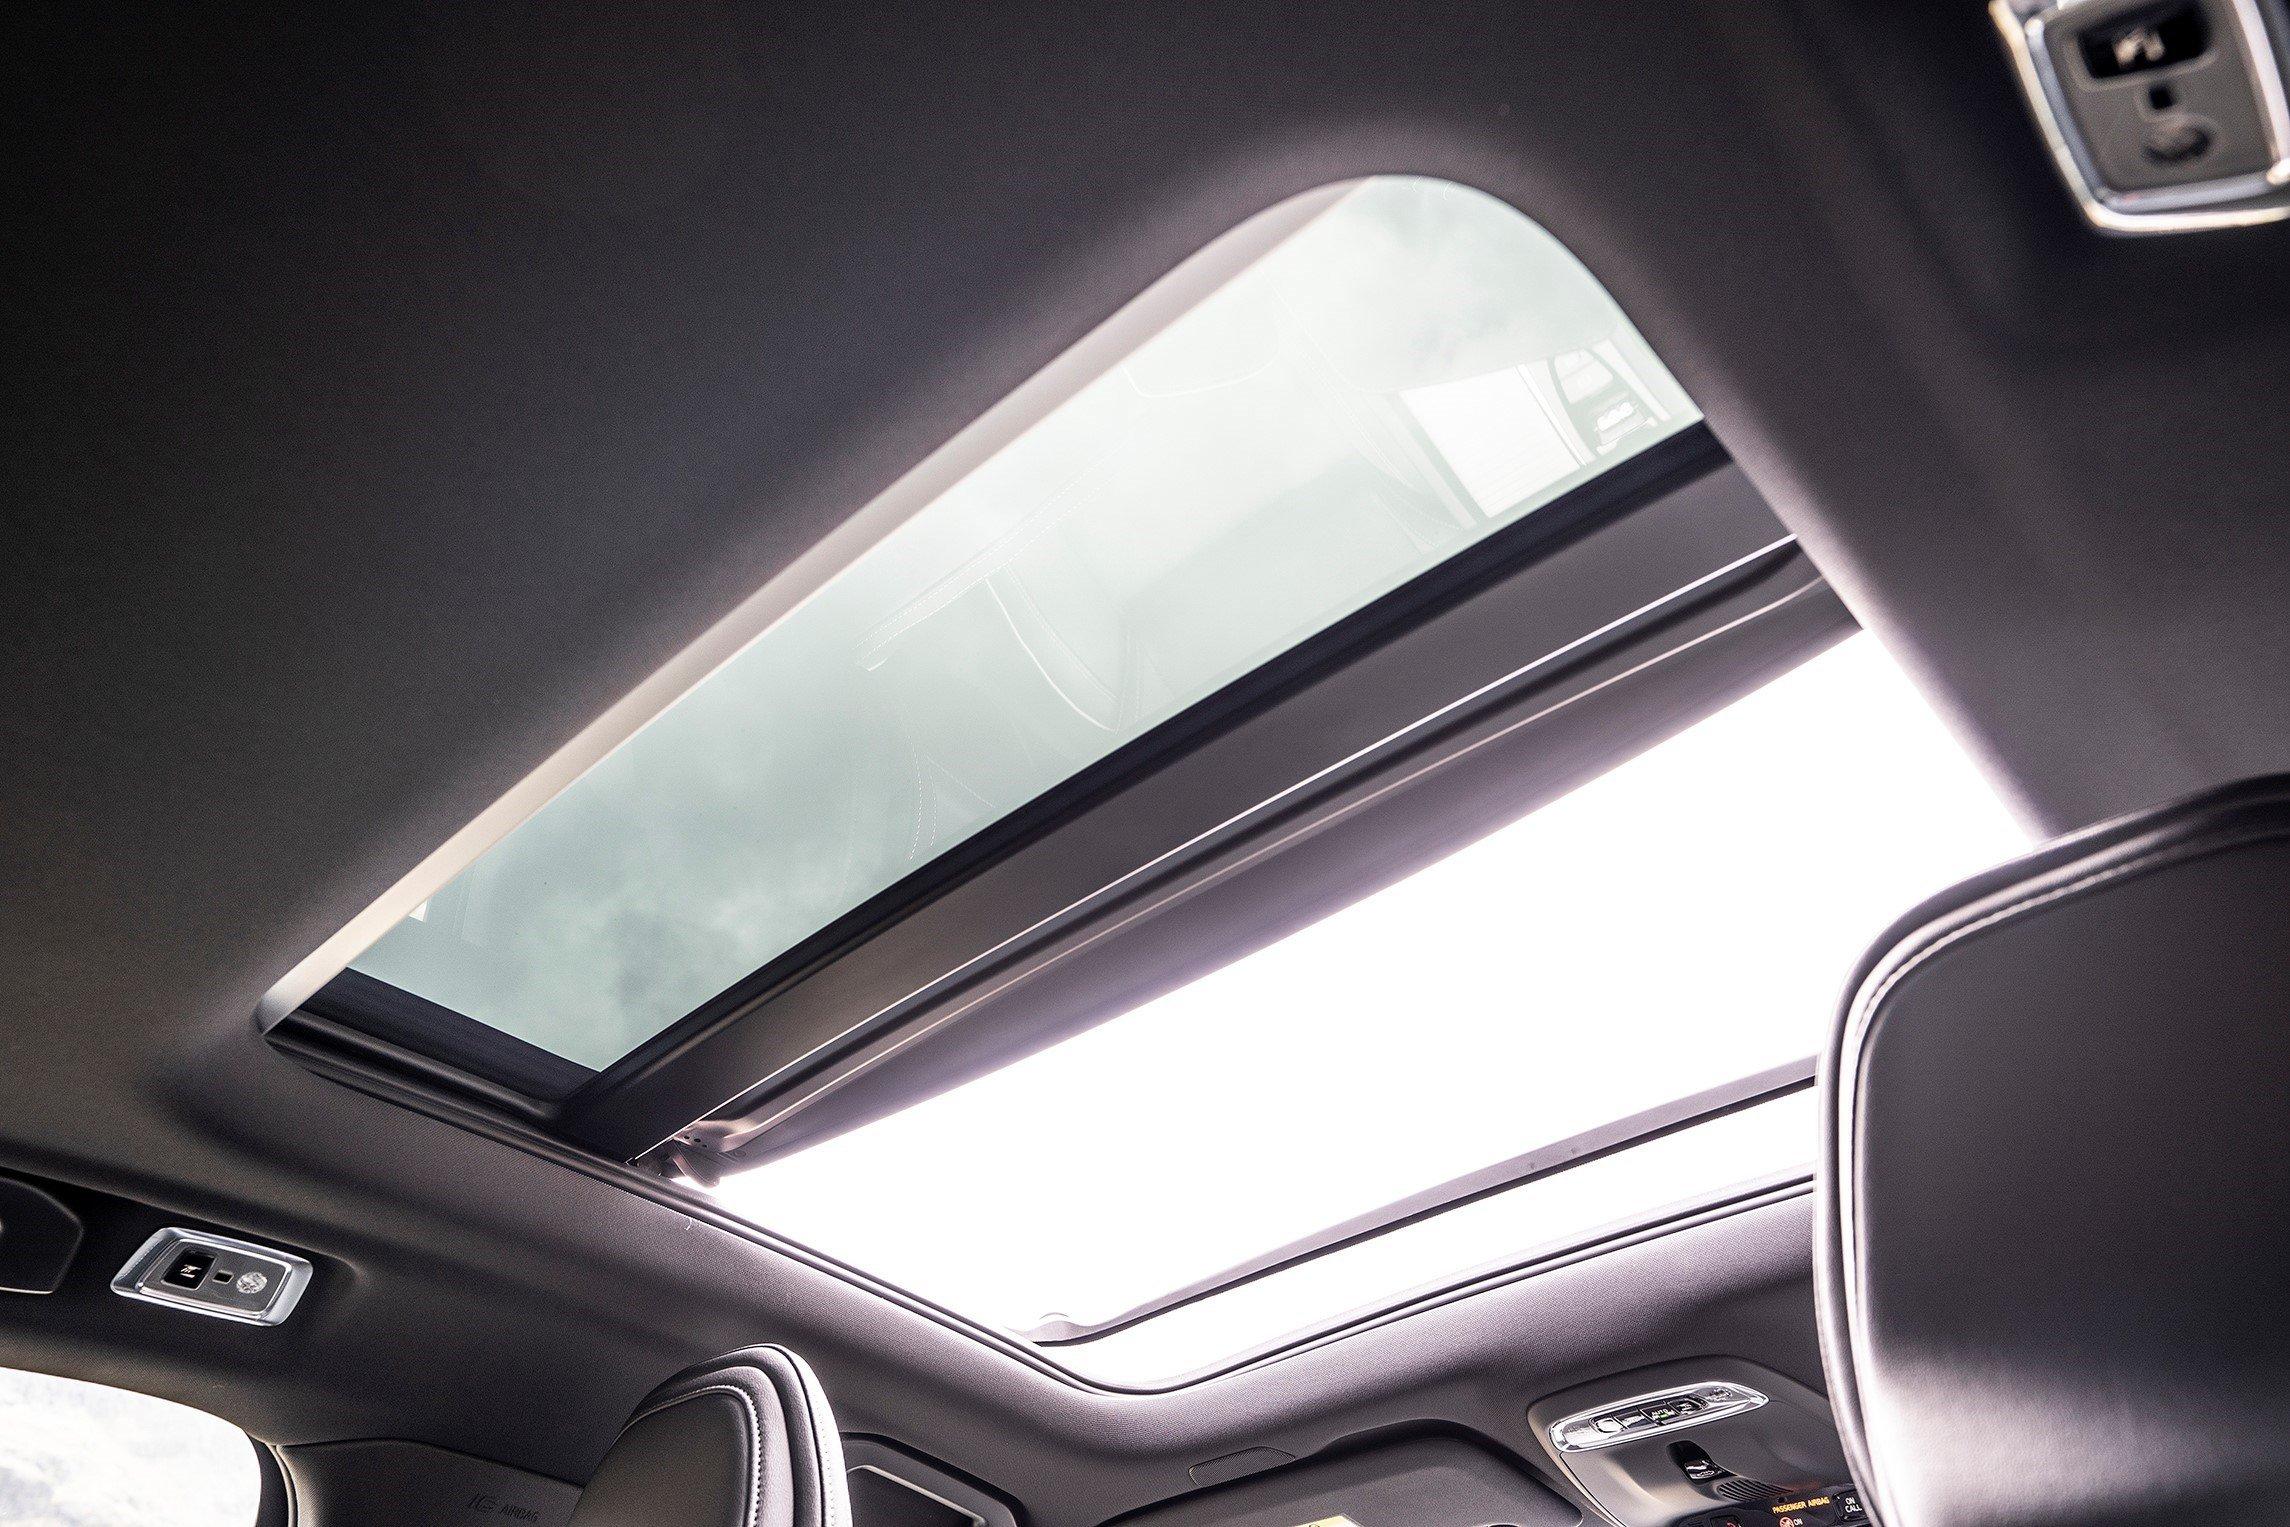 2019 Volvo S60 panoramic glass roof